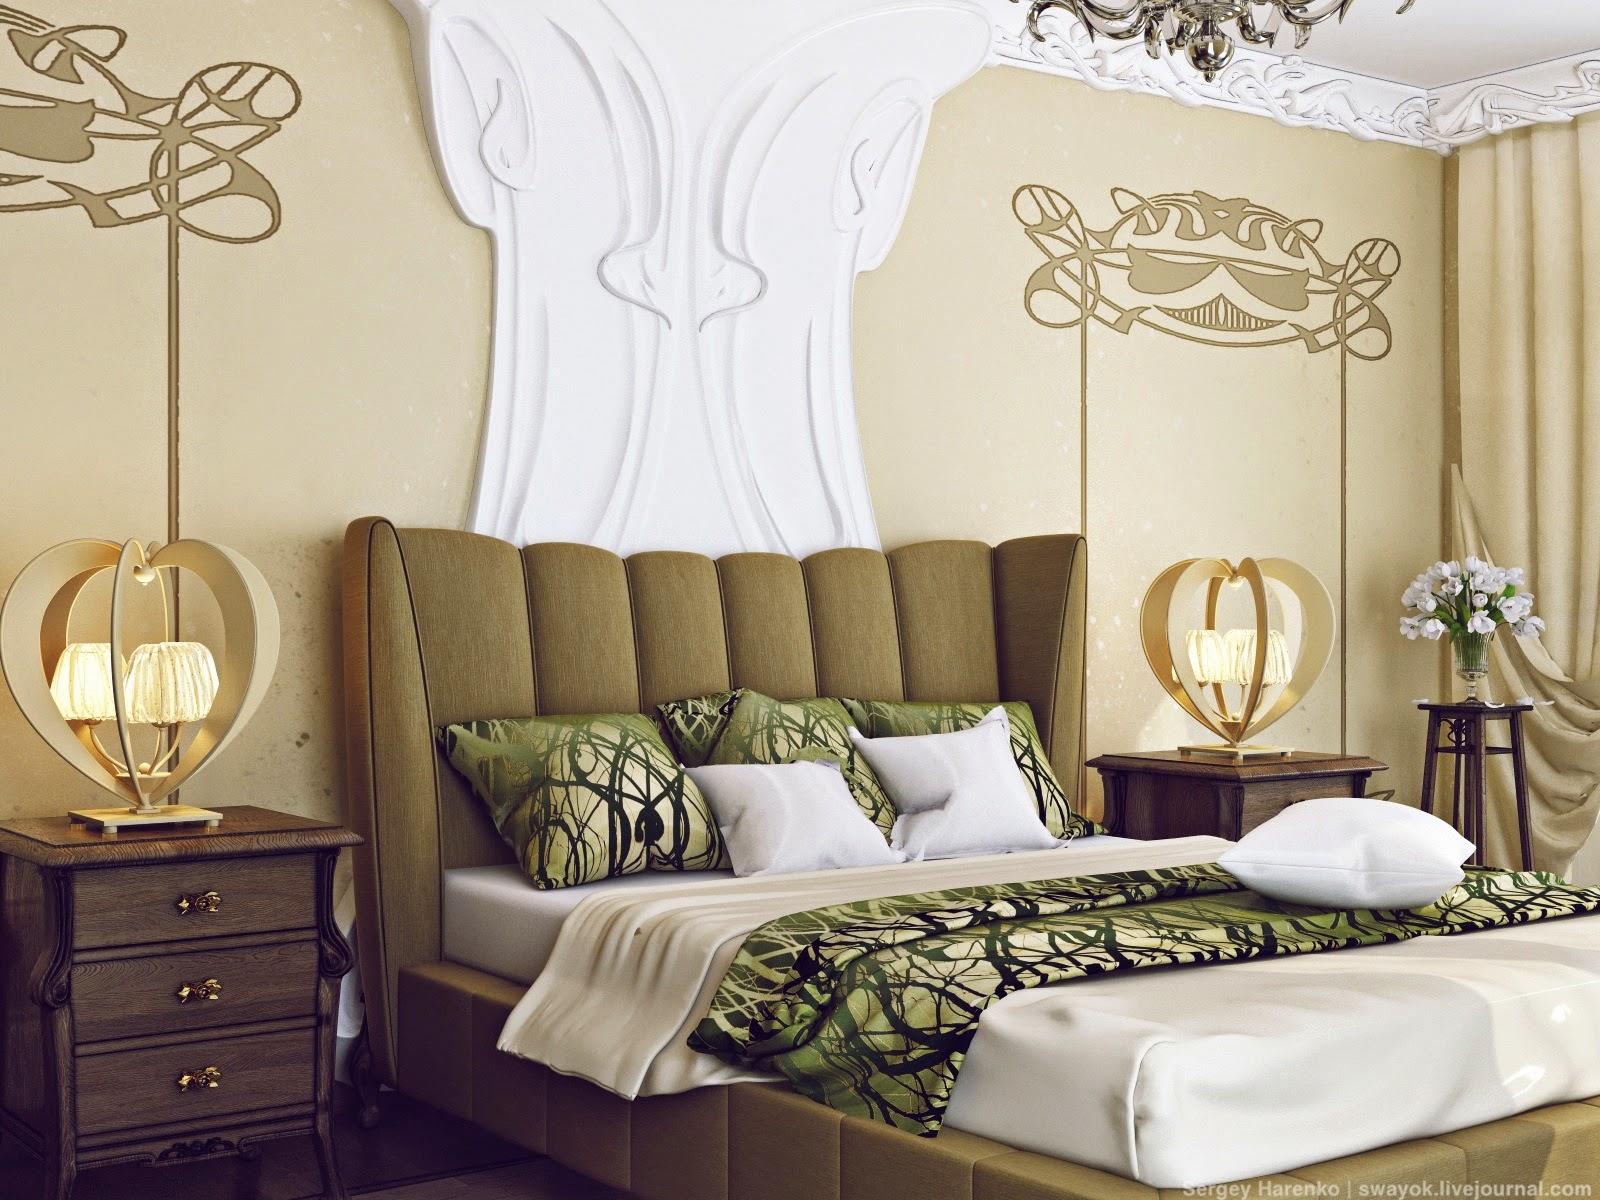 Interior design art nouveau bedroom part 3 for Art nouveau interior design bedroom